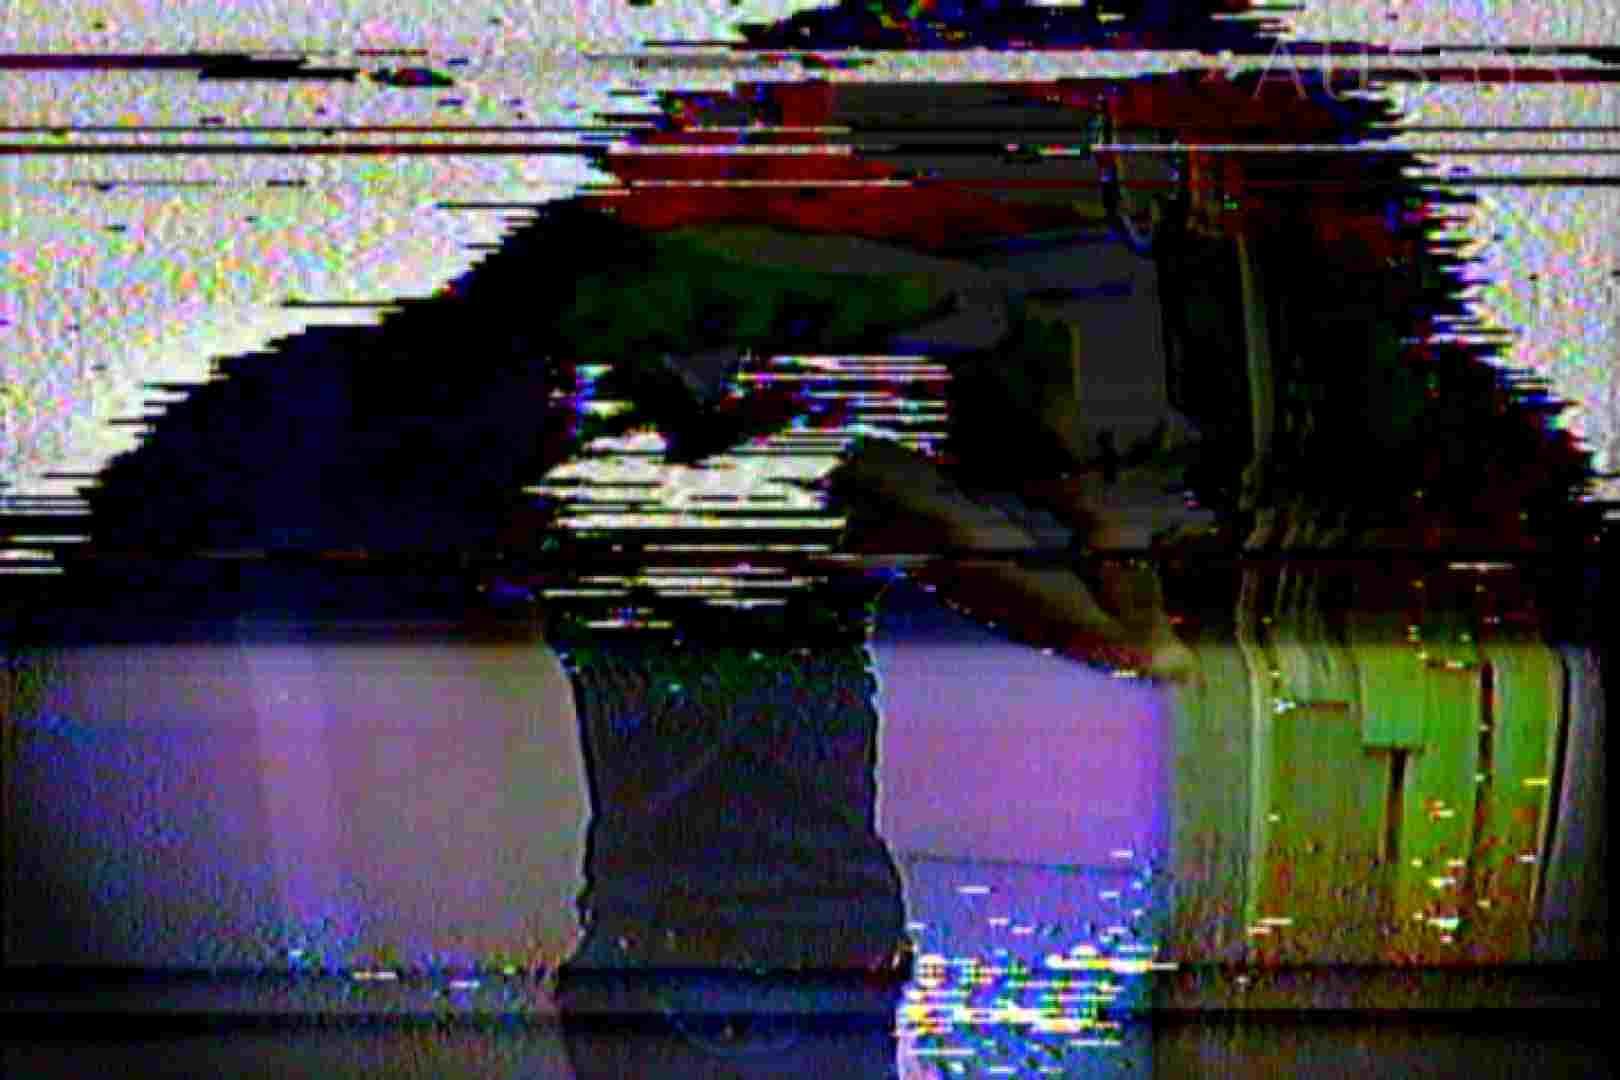 海の家の更衣室 Vol.10 盛合せ すけべAV動画紹介 76画像 15